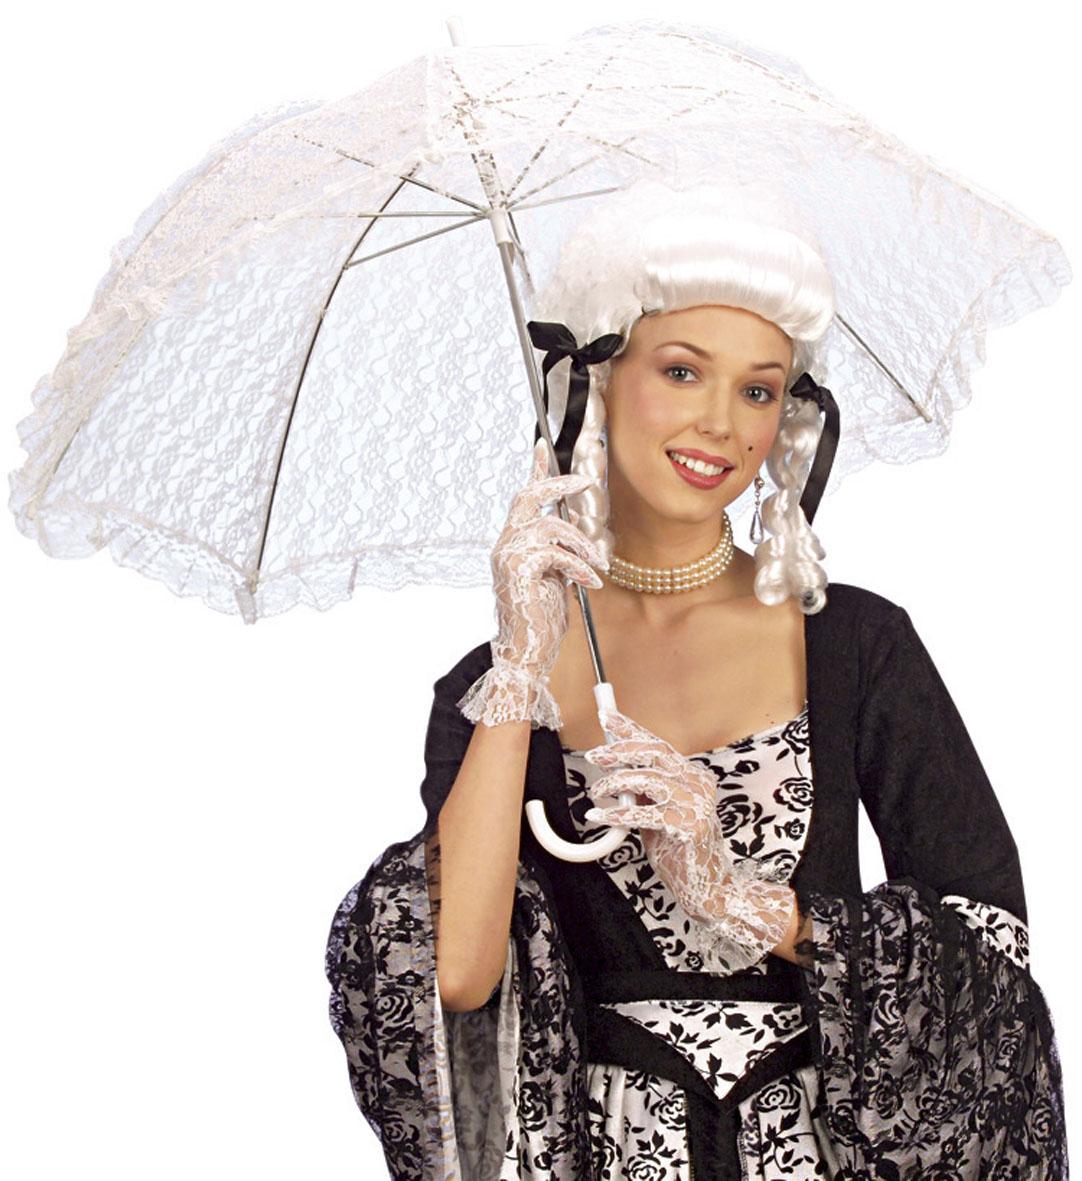 Λευκή Αποκριάτικη Ομπρέλα Με Δαντέλα 83cm